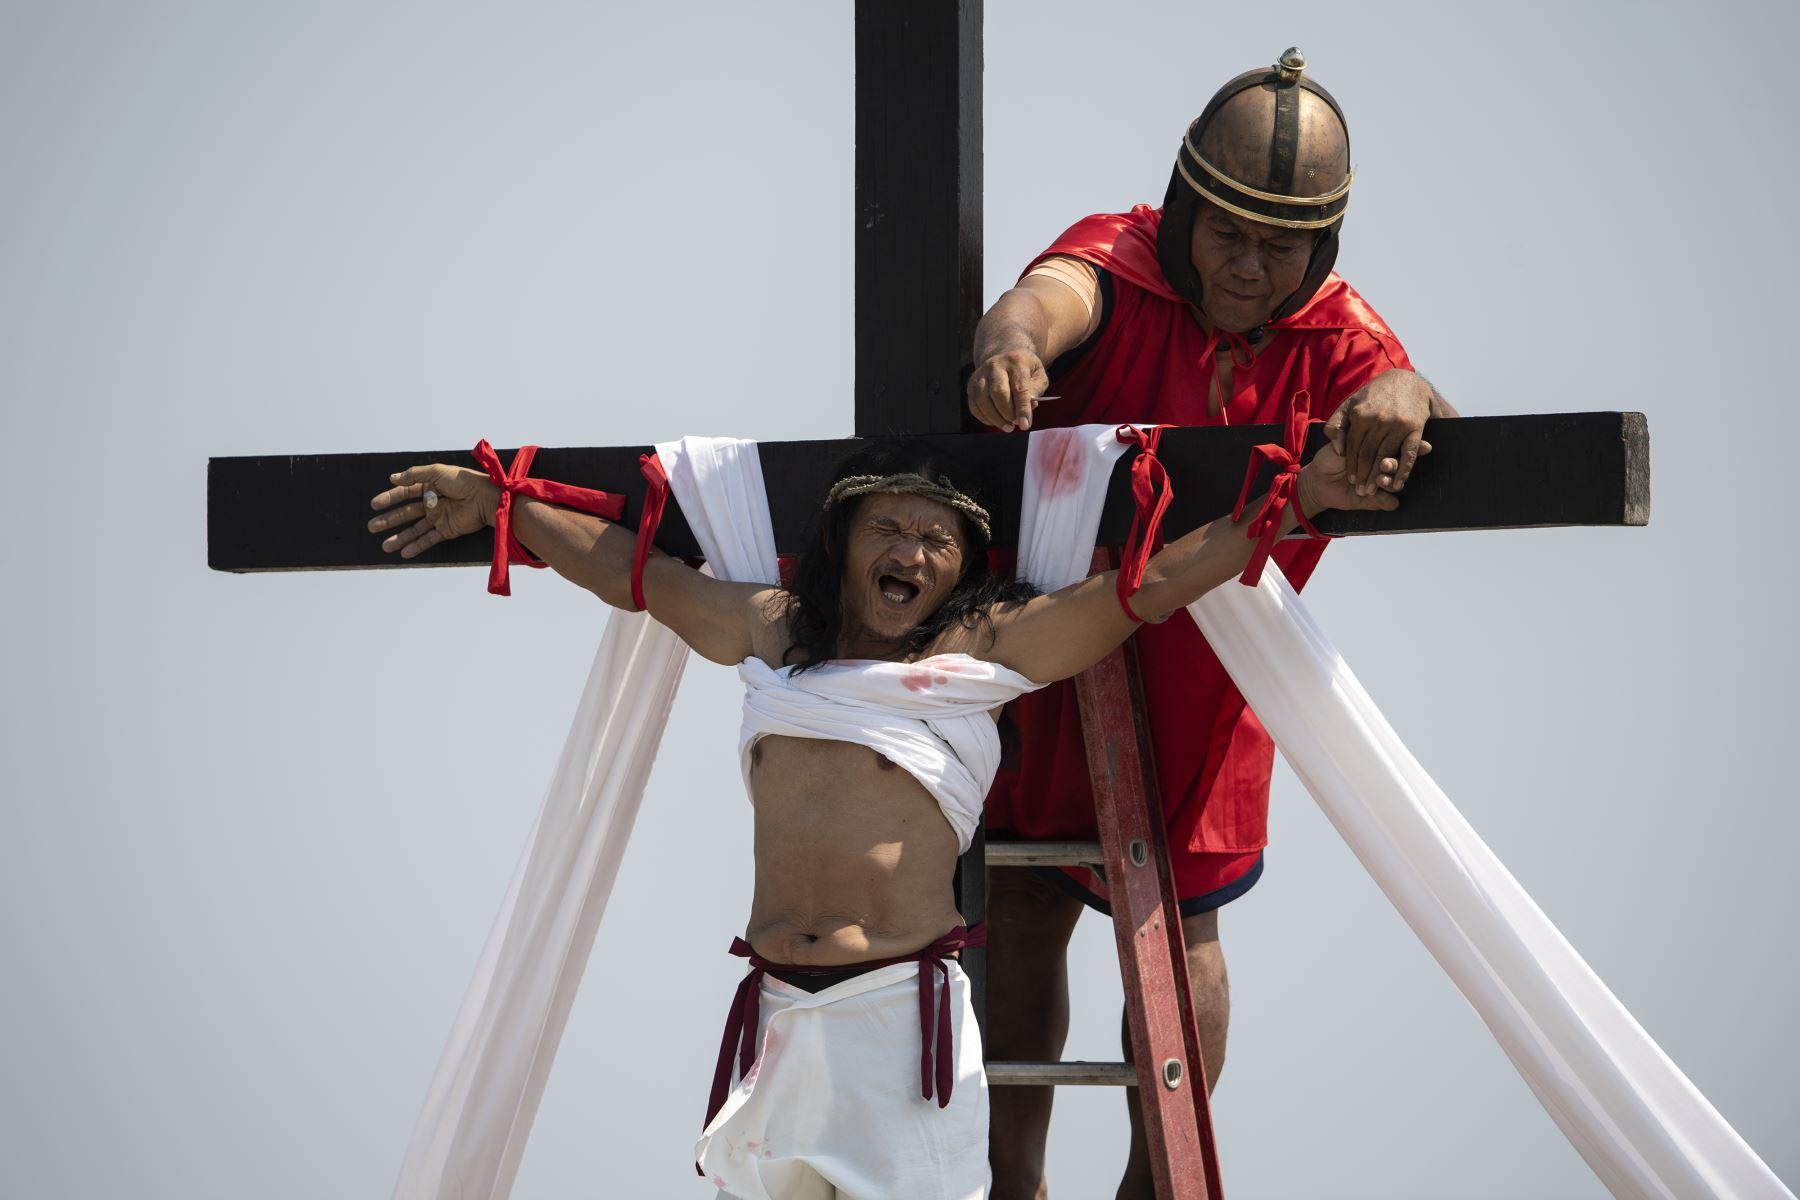 Un penitente filipino representa la crucifixión de Jesucristo con motivo de la celebración del Viernes Santo en San Pedro Cutud, en la provincia de Pampanga, Filipinas.   Foto: AFP